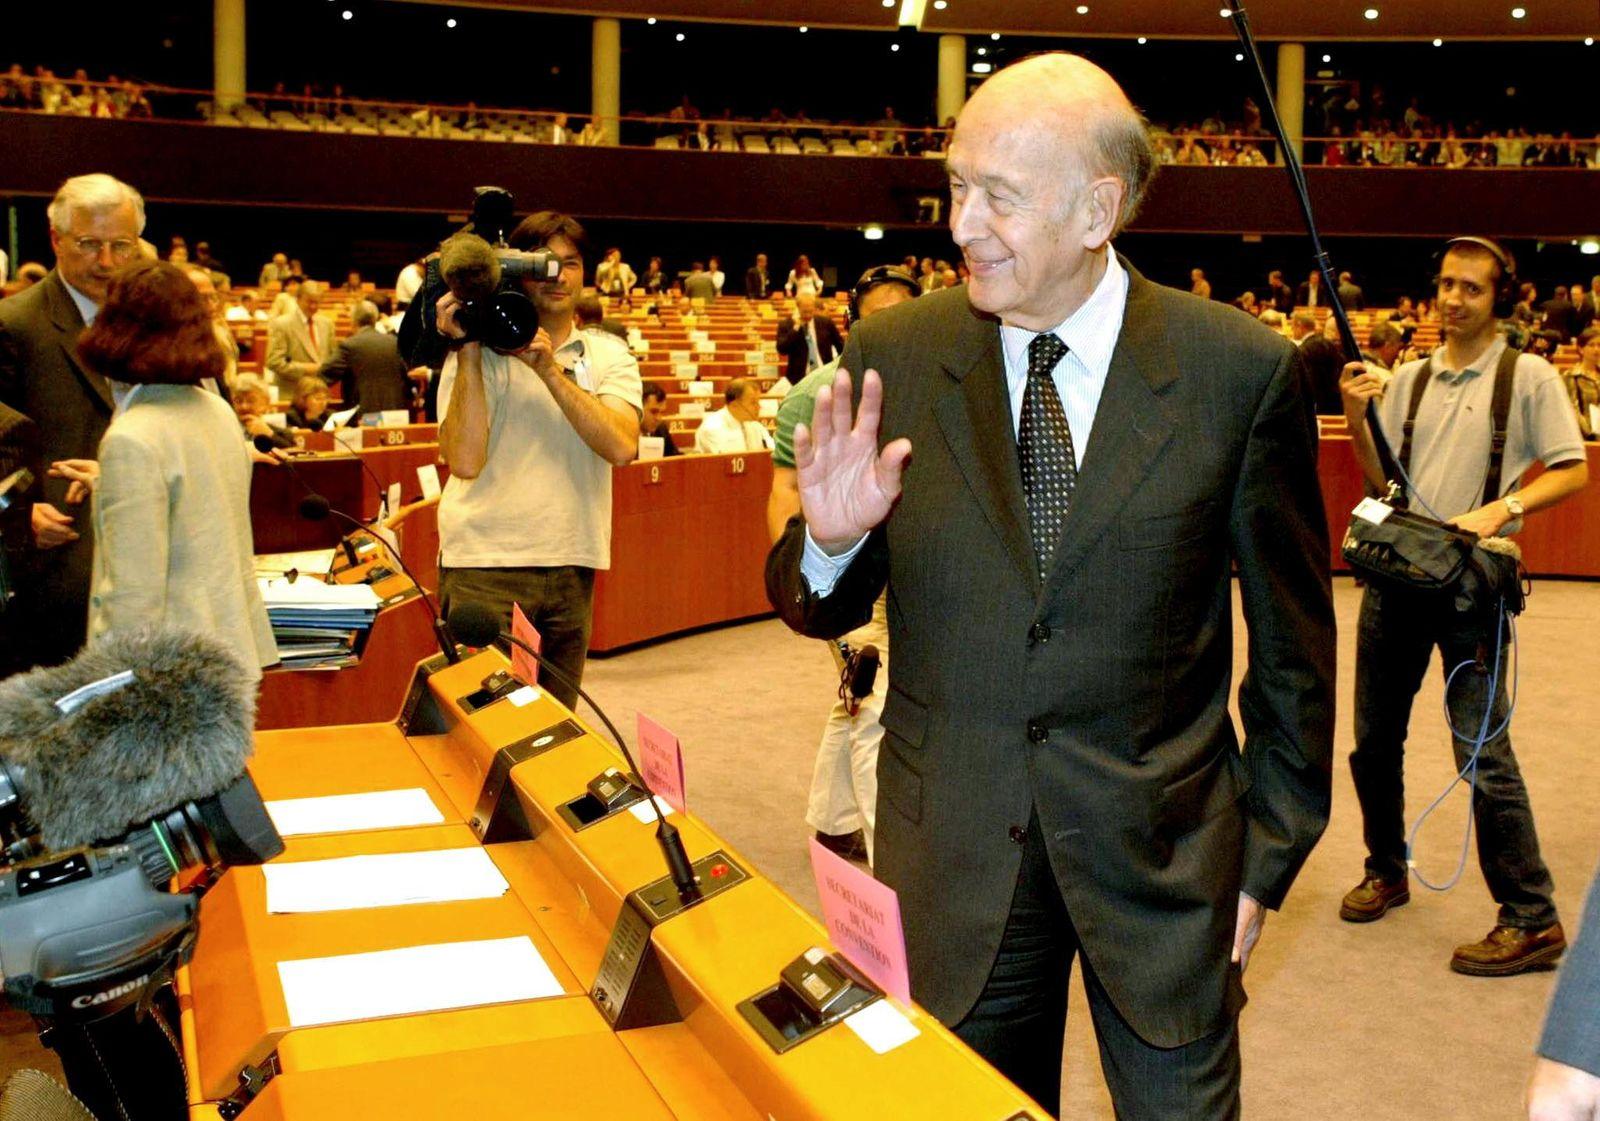 BELGIUM-EU-CONVENTION-GISCARD